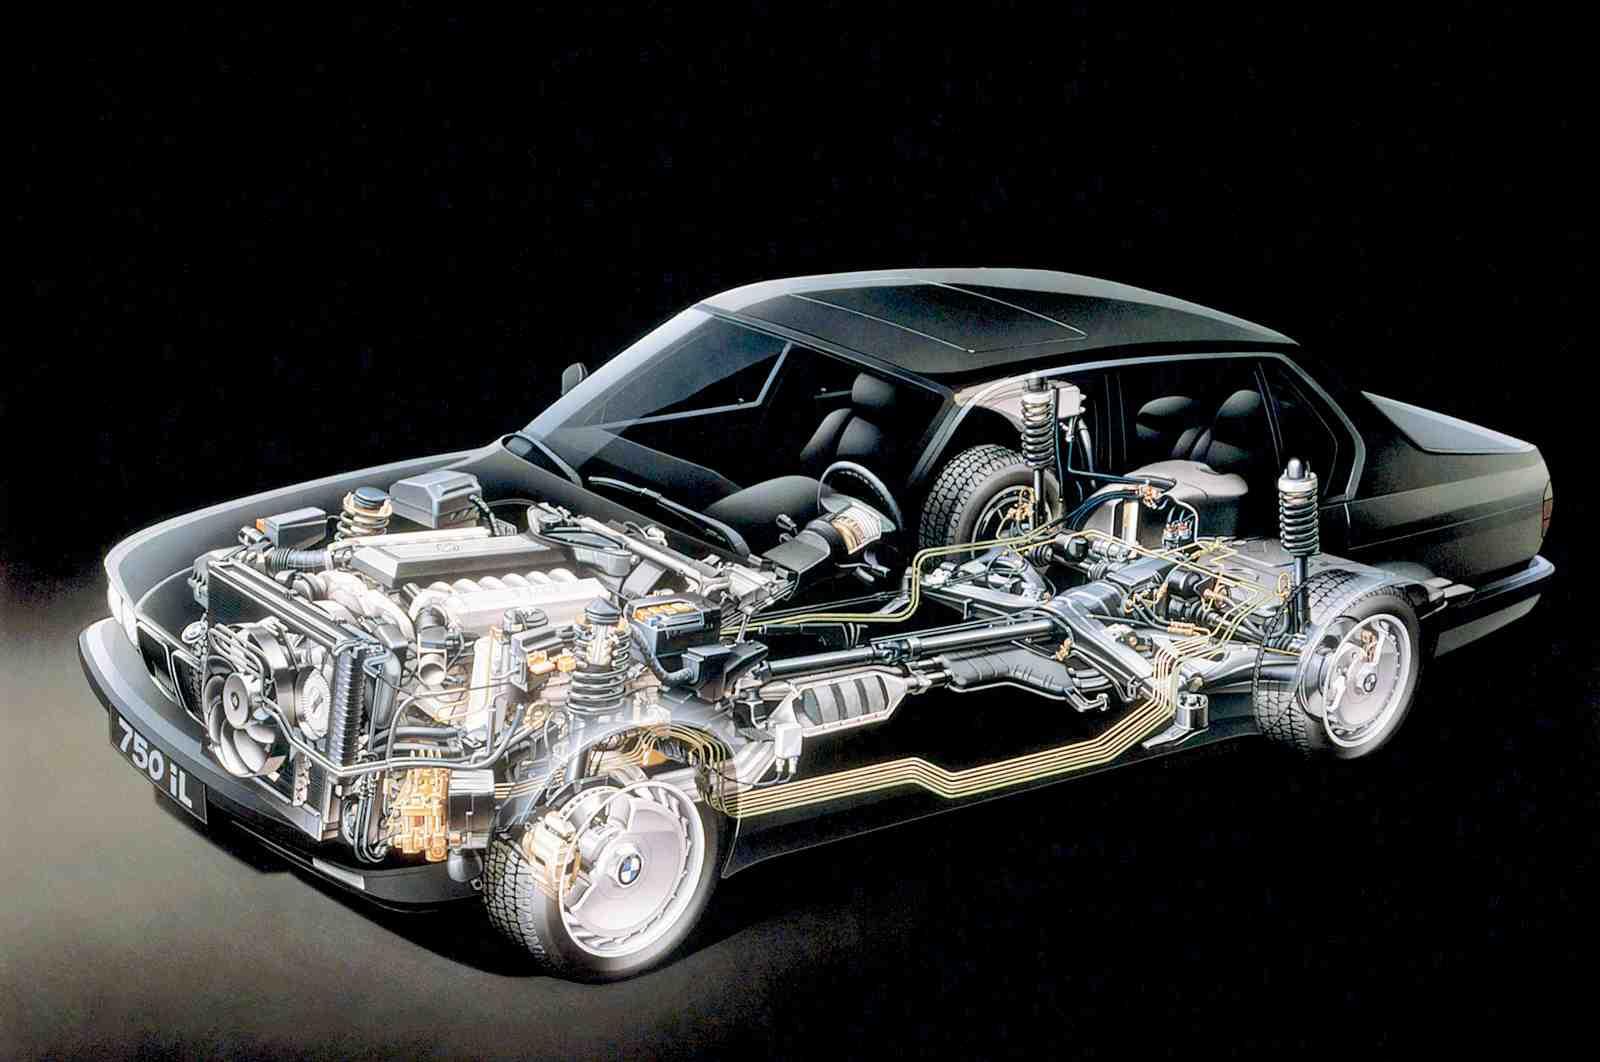 ... 740iL, 750iL Workshop Repair & Service Manual. March 27, 2014 admin ·  1988-1994 BMW 7-Series (E32) 735i, 735iL, 740i,